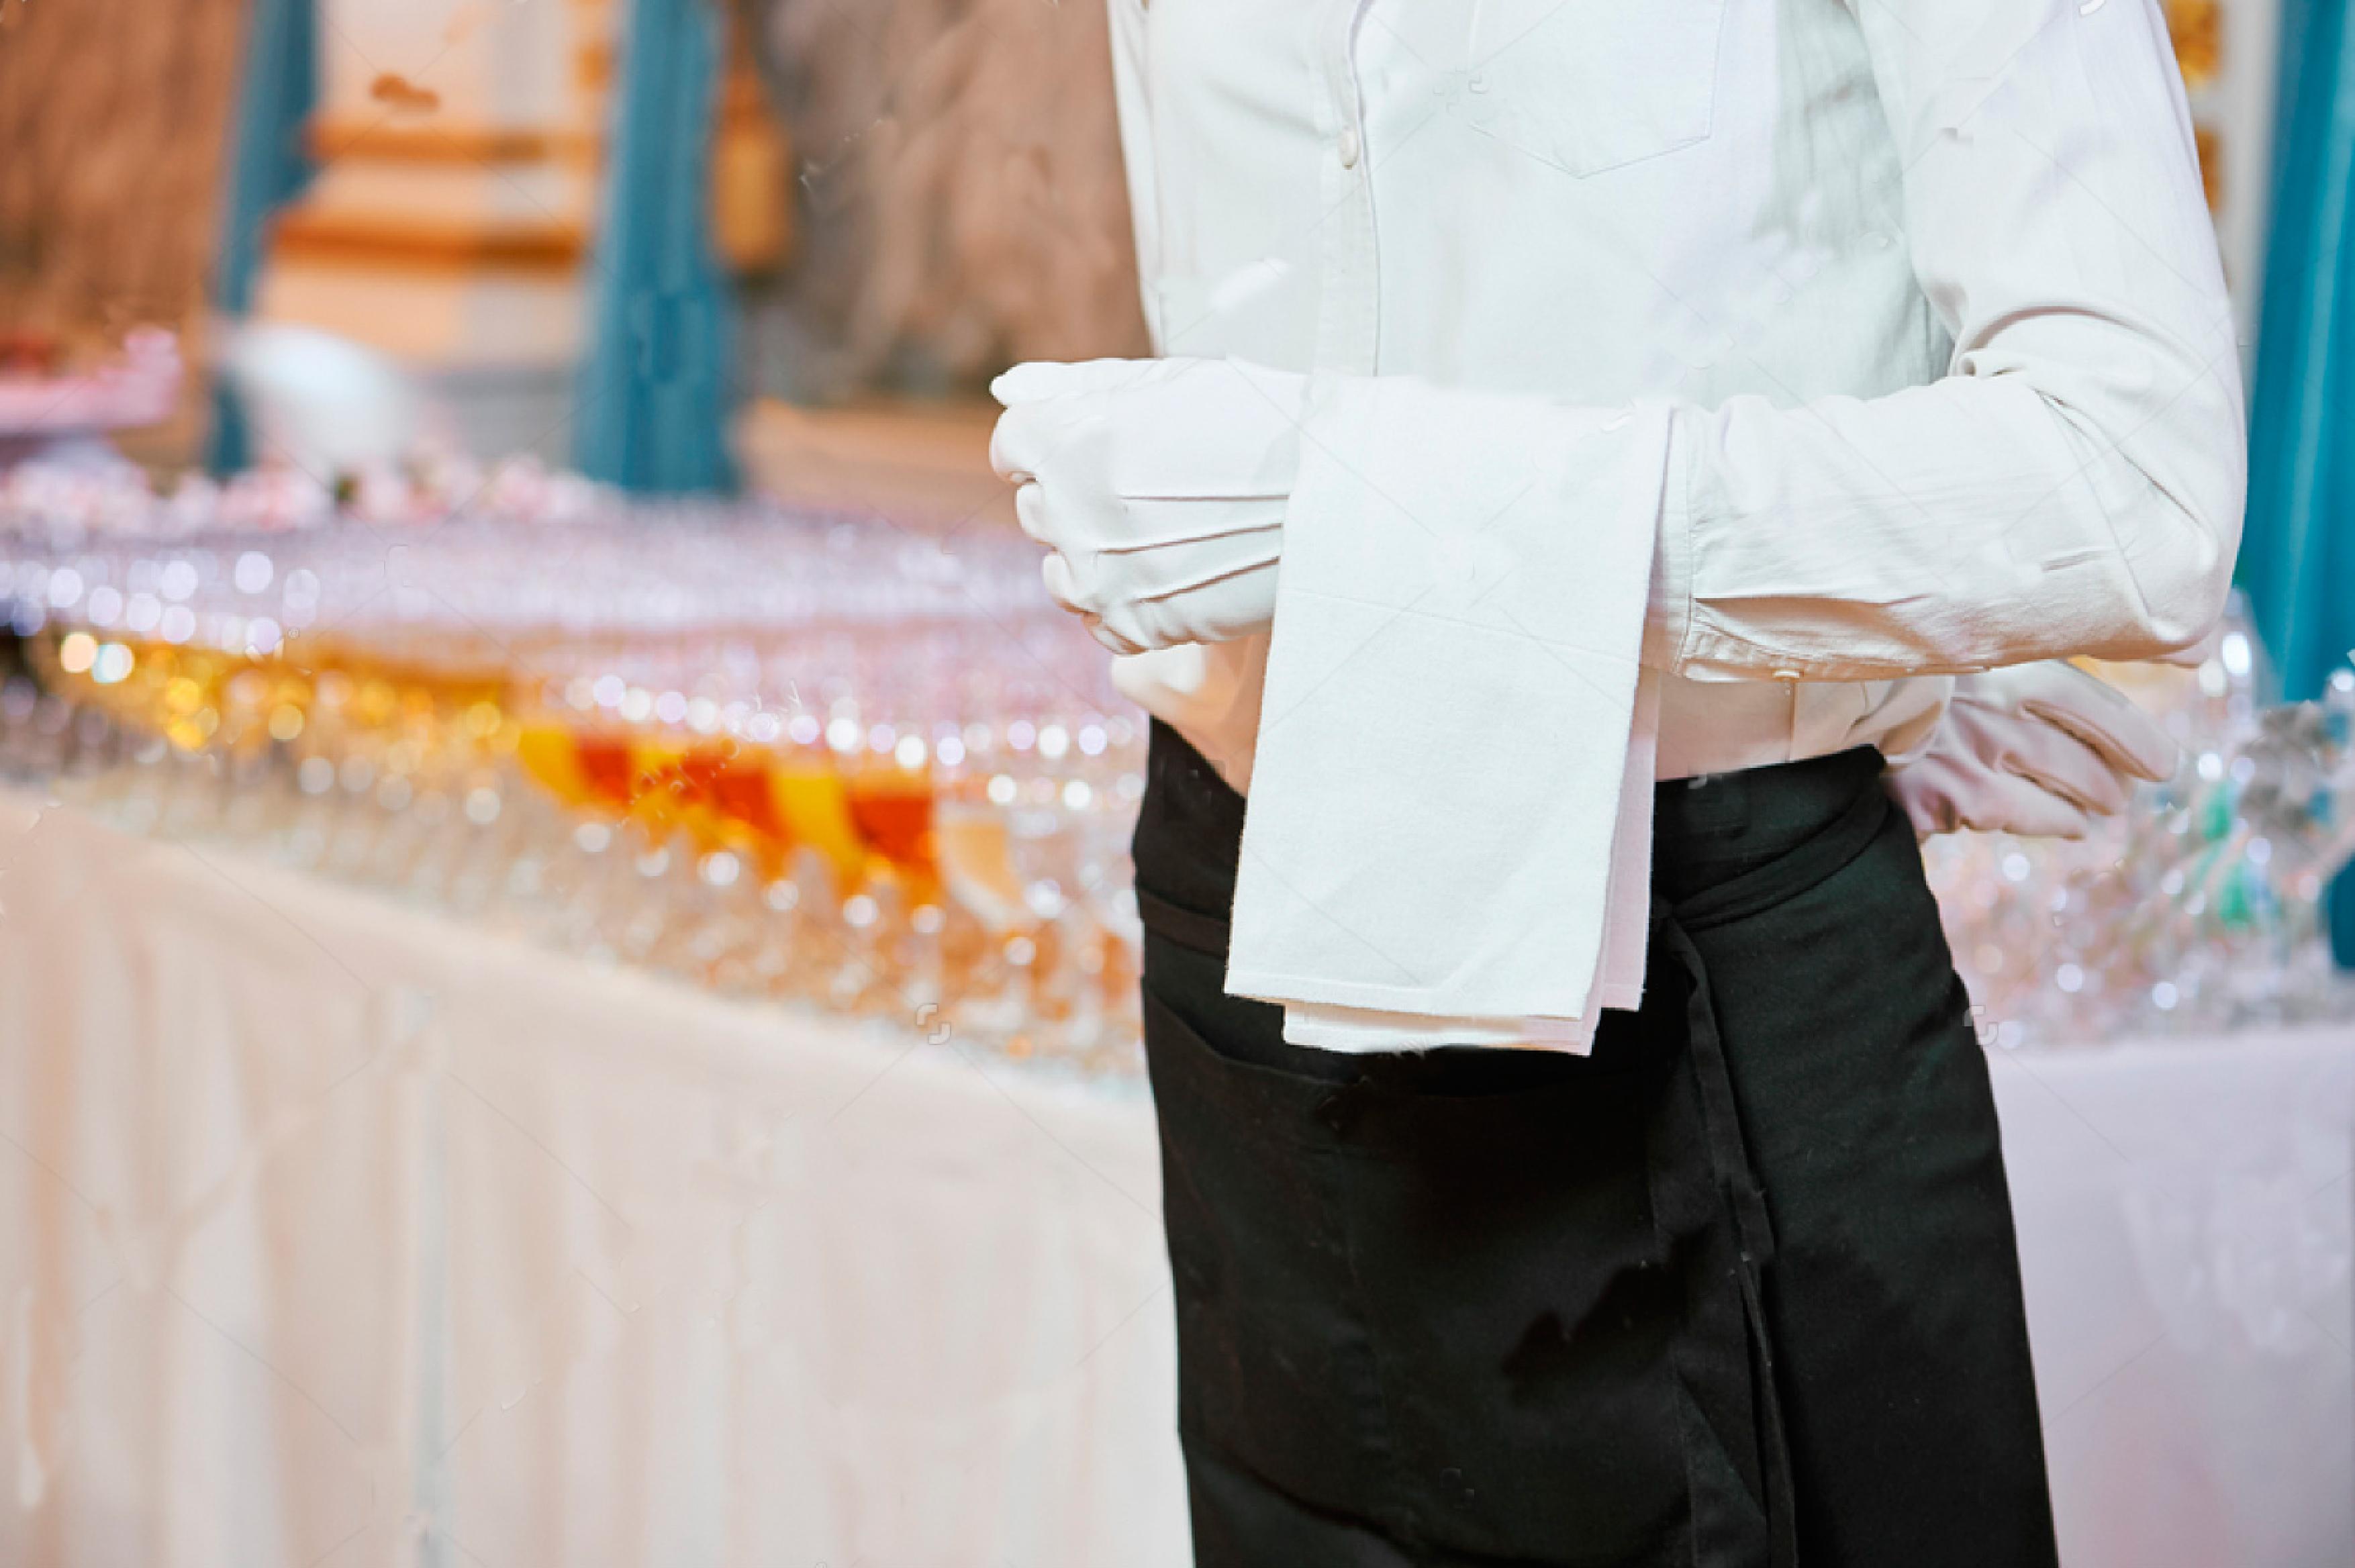 Hostepor Catering - Servicio